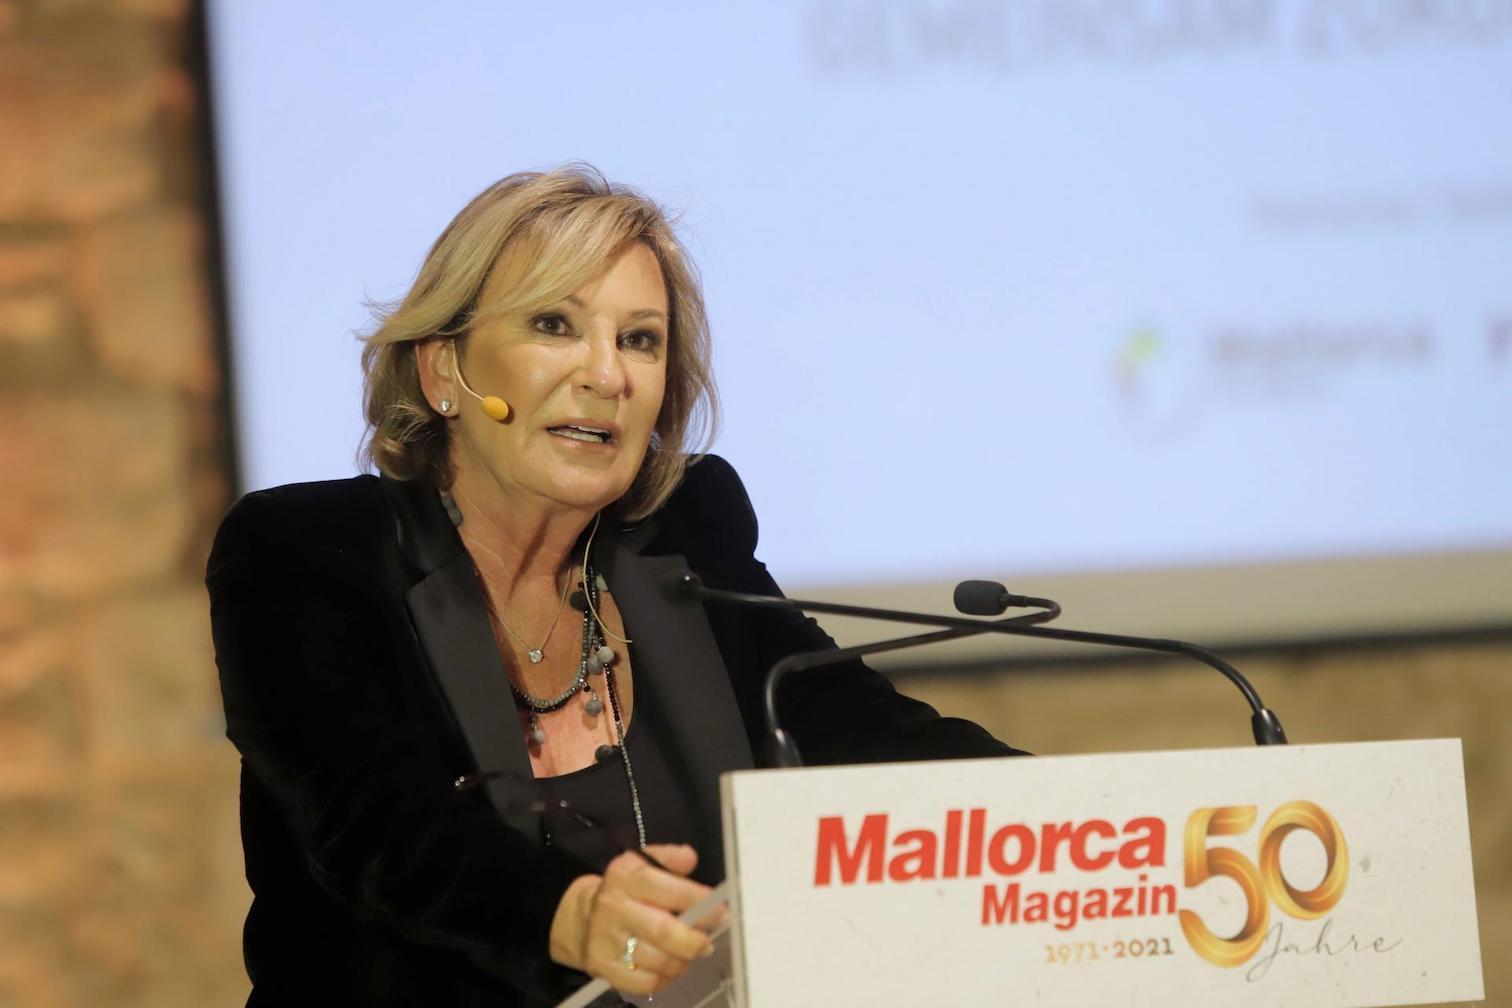 Sabine Christiansen, German Journalist.